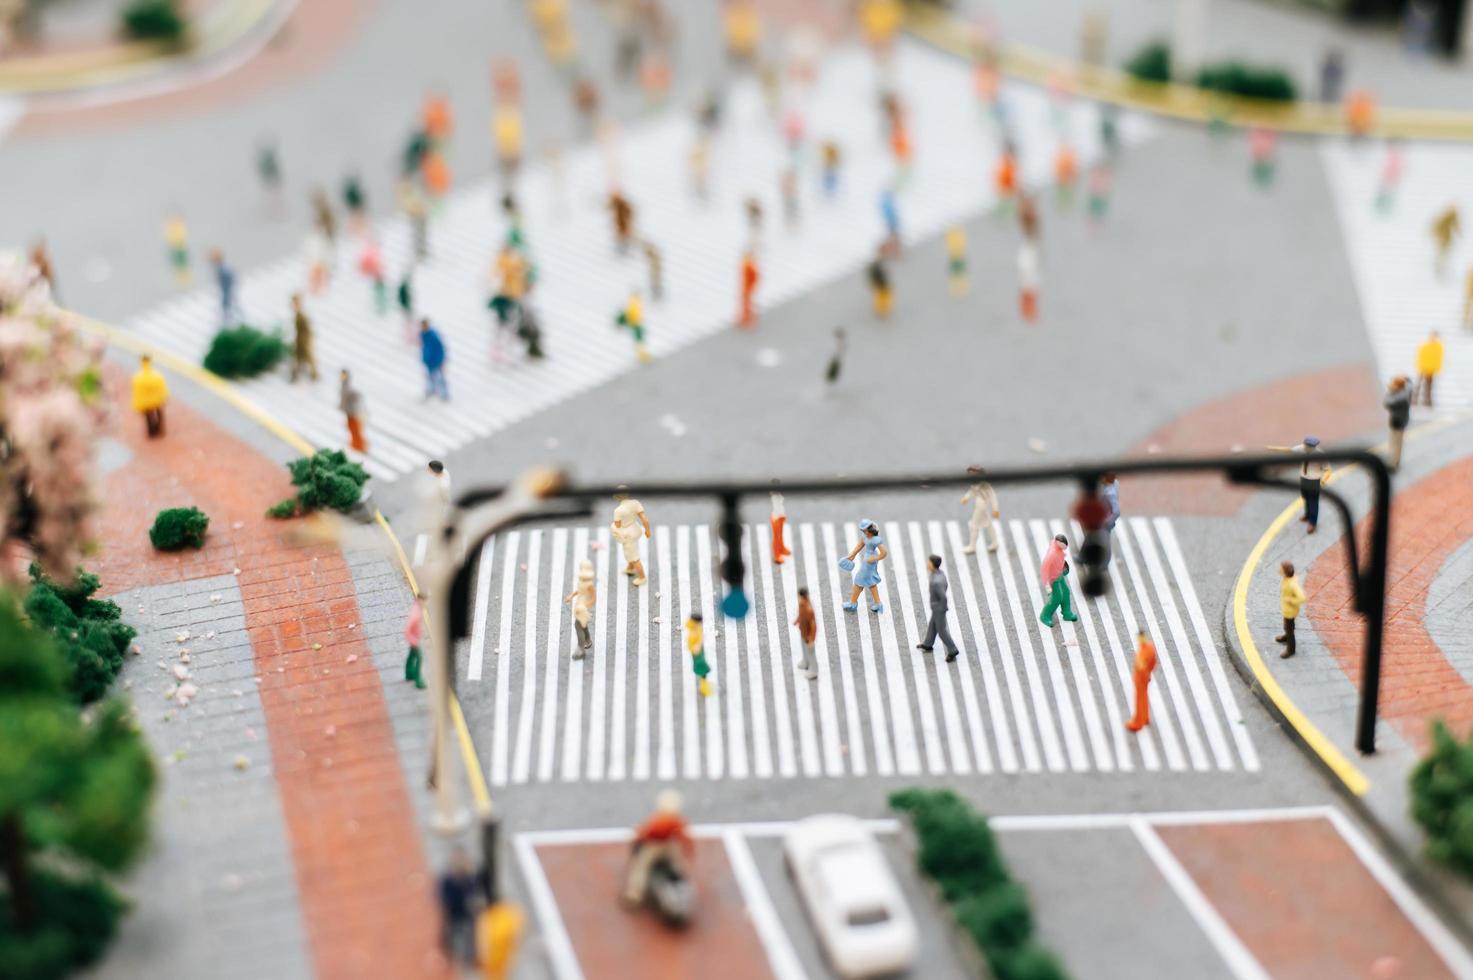 pequeña gente en miniatura en la calle foto